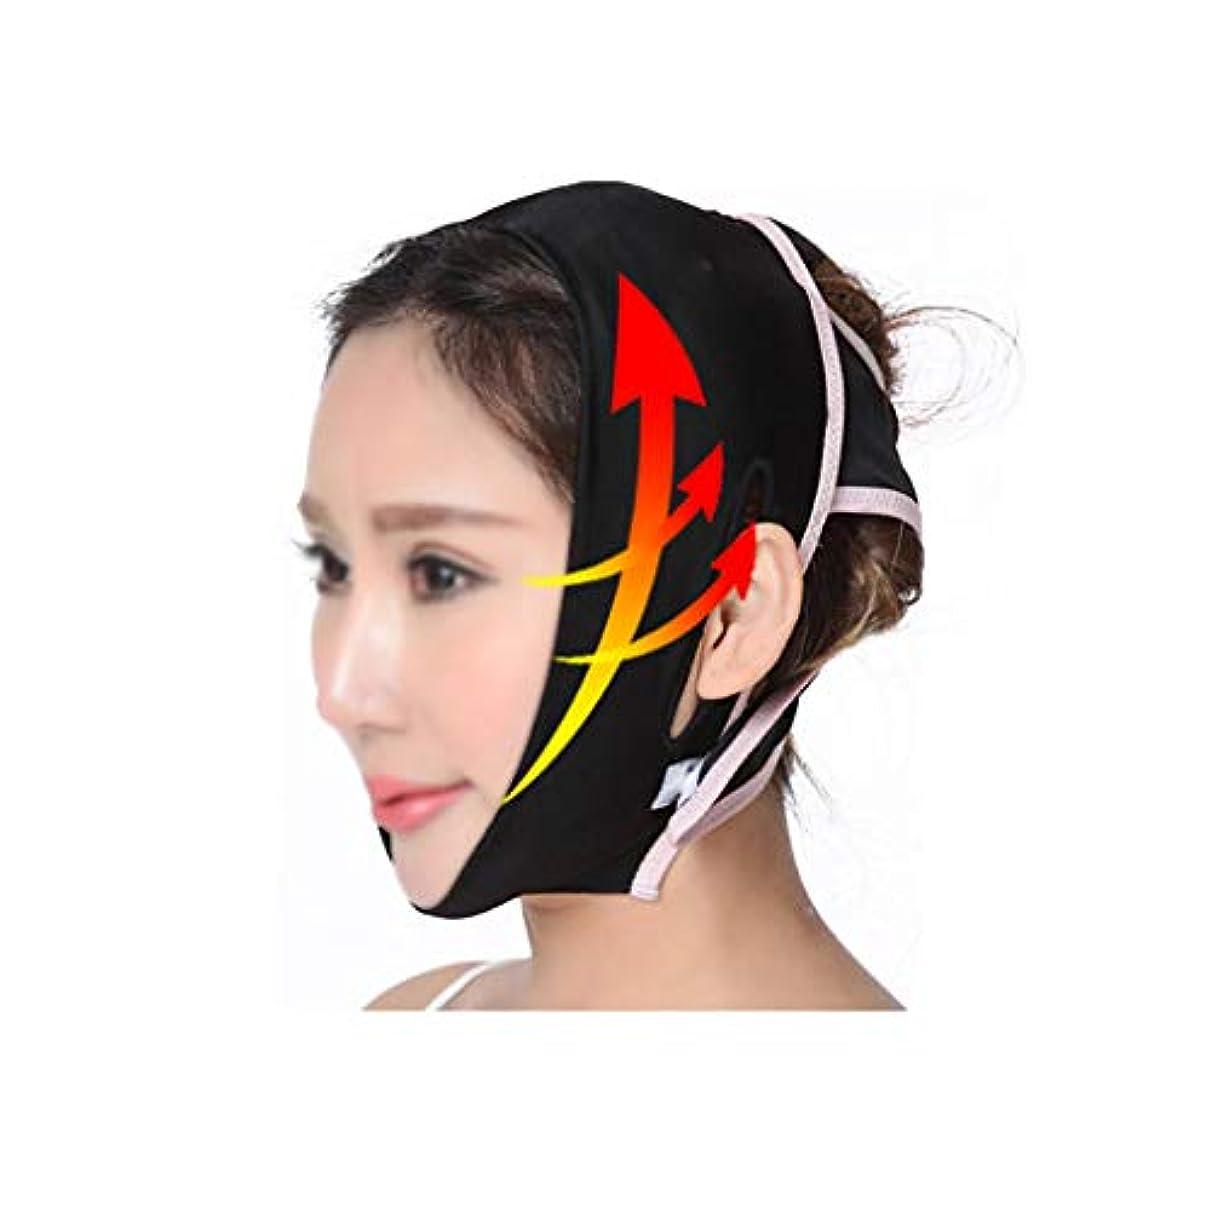 放つマーカー麻酔薬フェイスリフトマスク、フェイシャルマスク睡眠顔整形フェイス包帯フェイシャルリフティングVフェイスフェイスアーチファクト回復通気性ネックストラップ (Size : L)